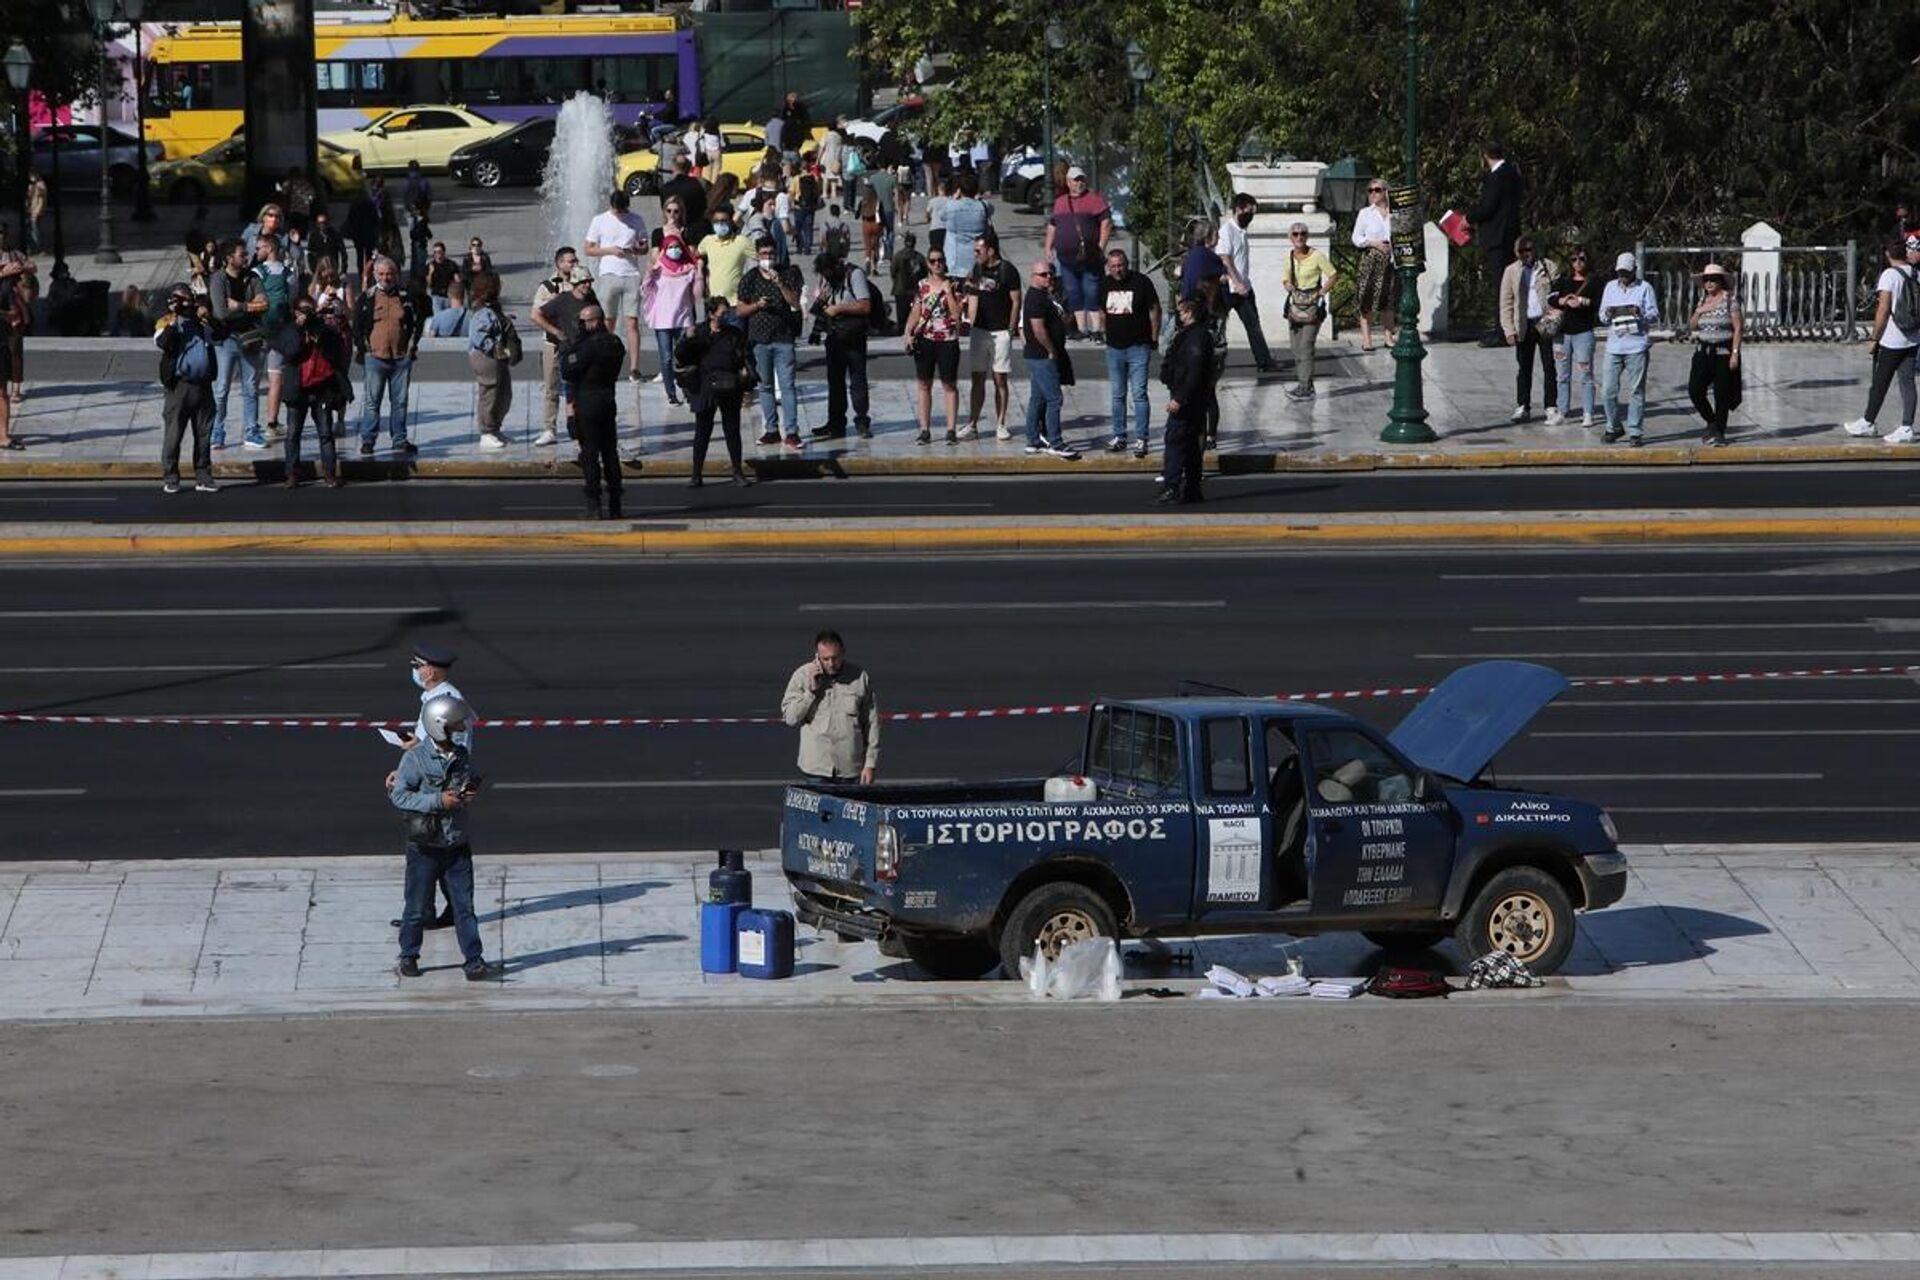 Αγροτικό αυτοκίνητο ανέβηκε στο Μνημείο του Άγνωστου Στρατιώτη μπροστά στη Βουλή - Sputnik Ελλάδα, 1920, 04.10.2021